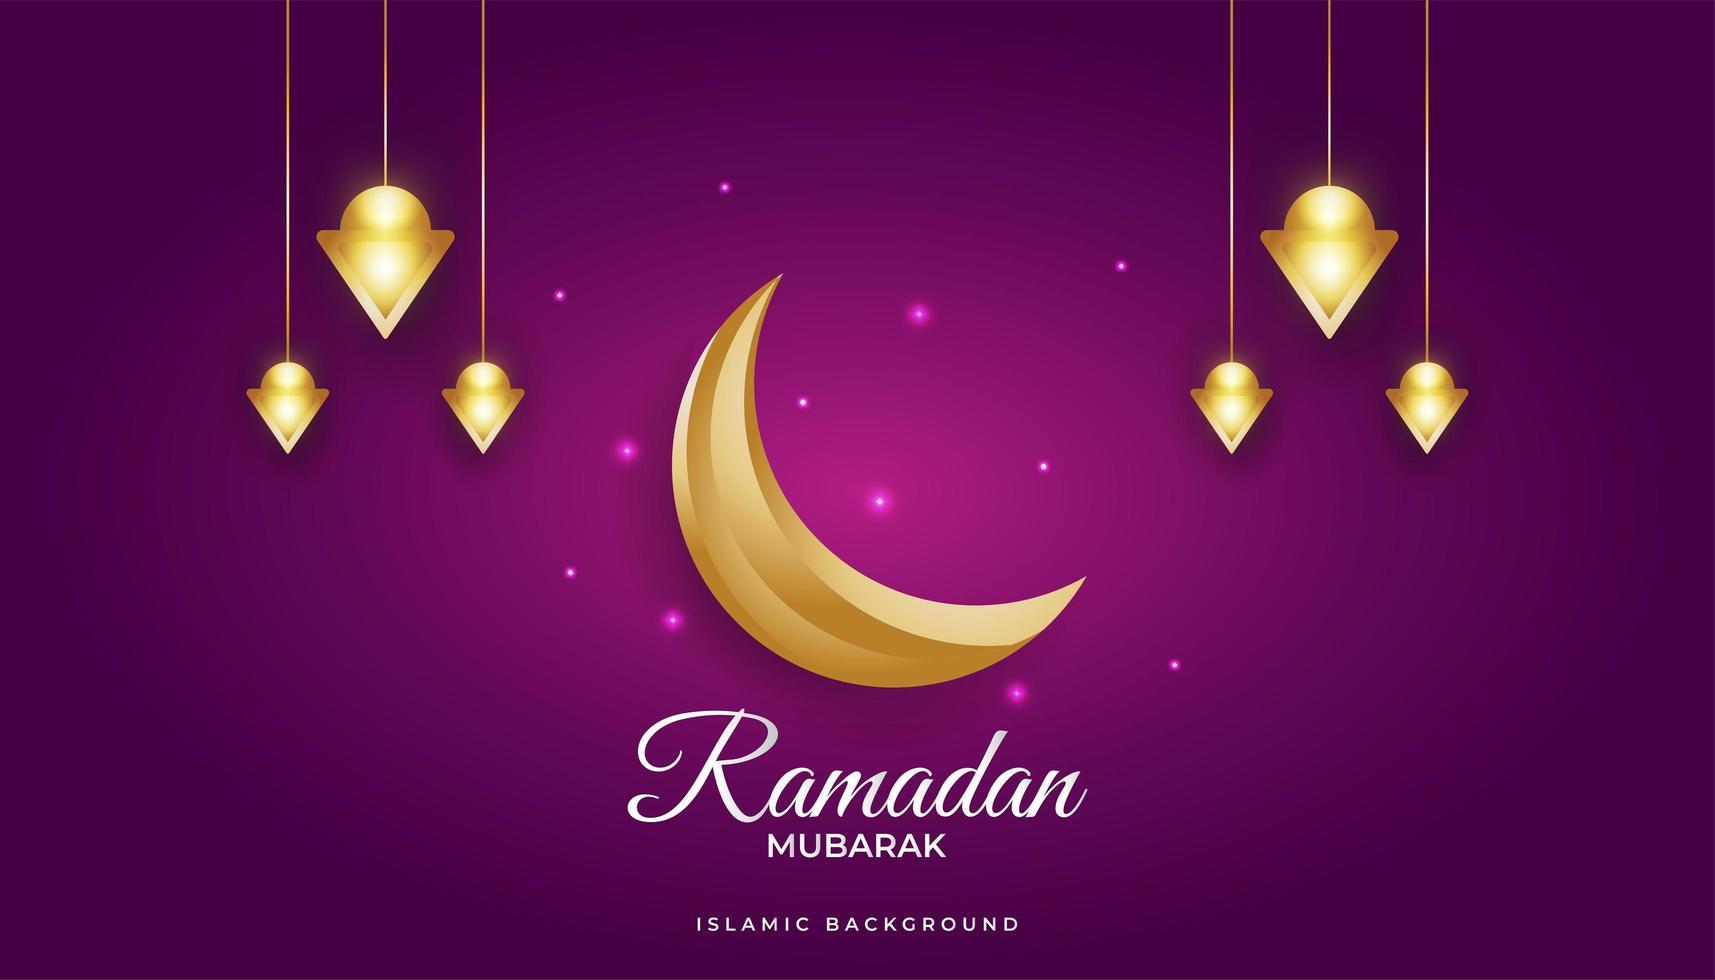 prächtiger Ramadan Hintergrund vektor